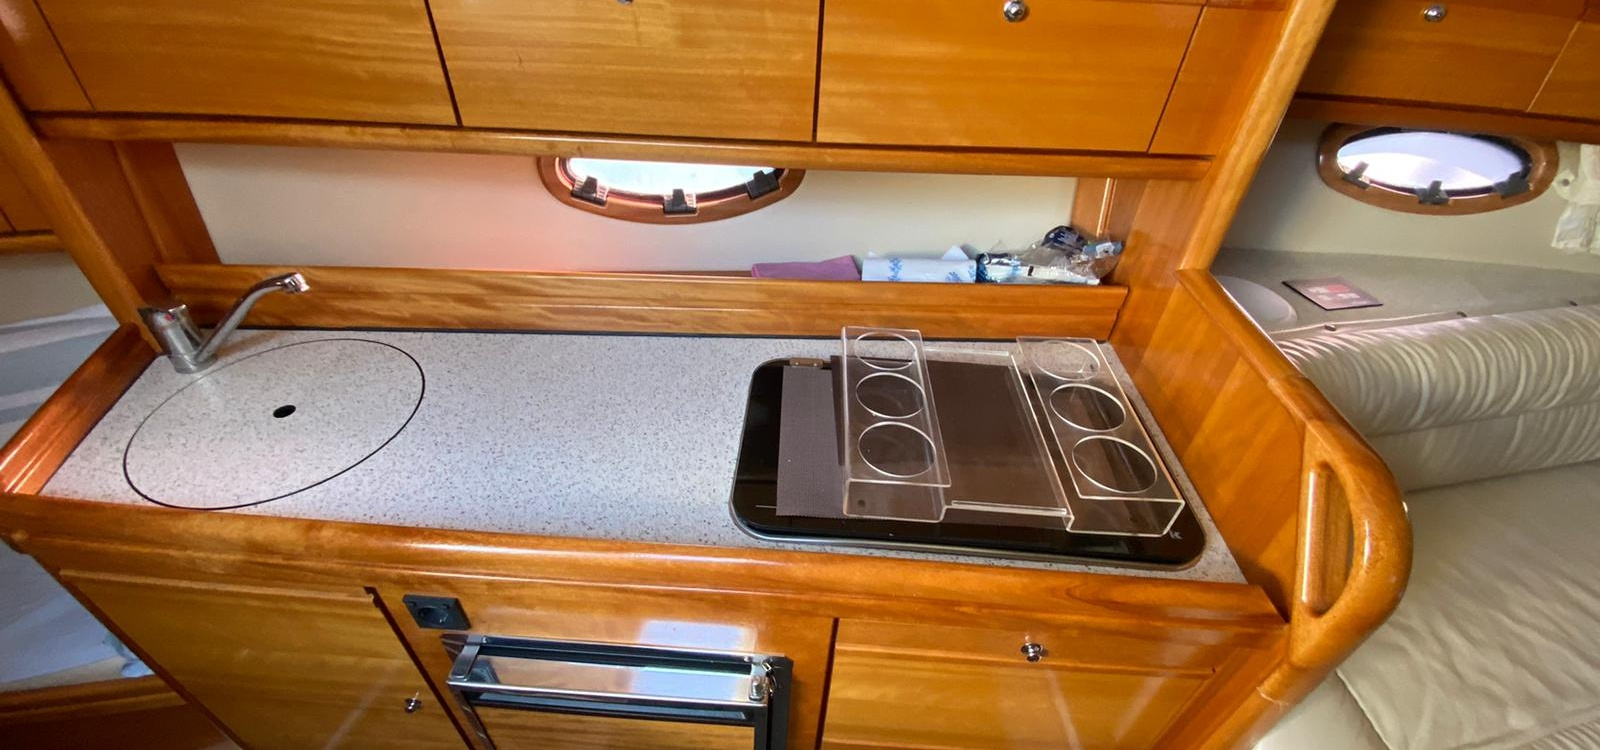 El Masnou,Barcelona,España,1 Dormitorio Habitaciones,1 BañoLavabos,Barco a motor,2085